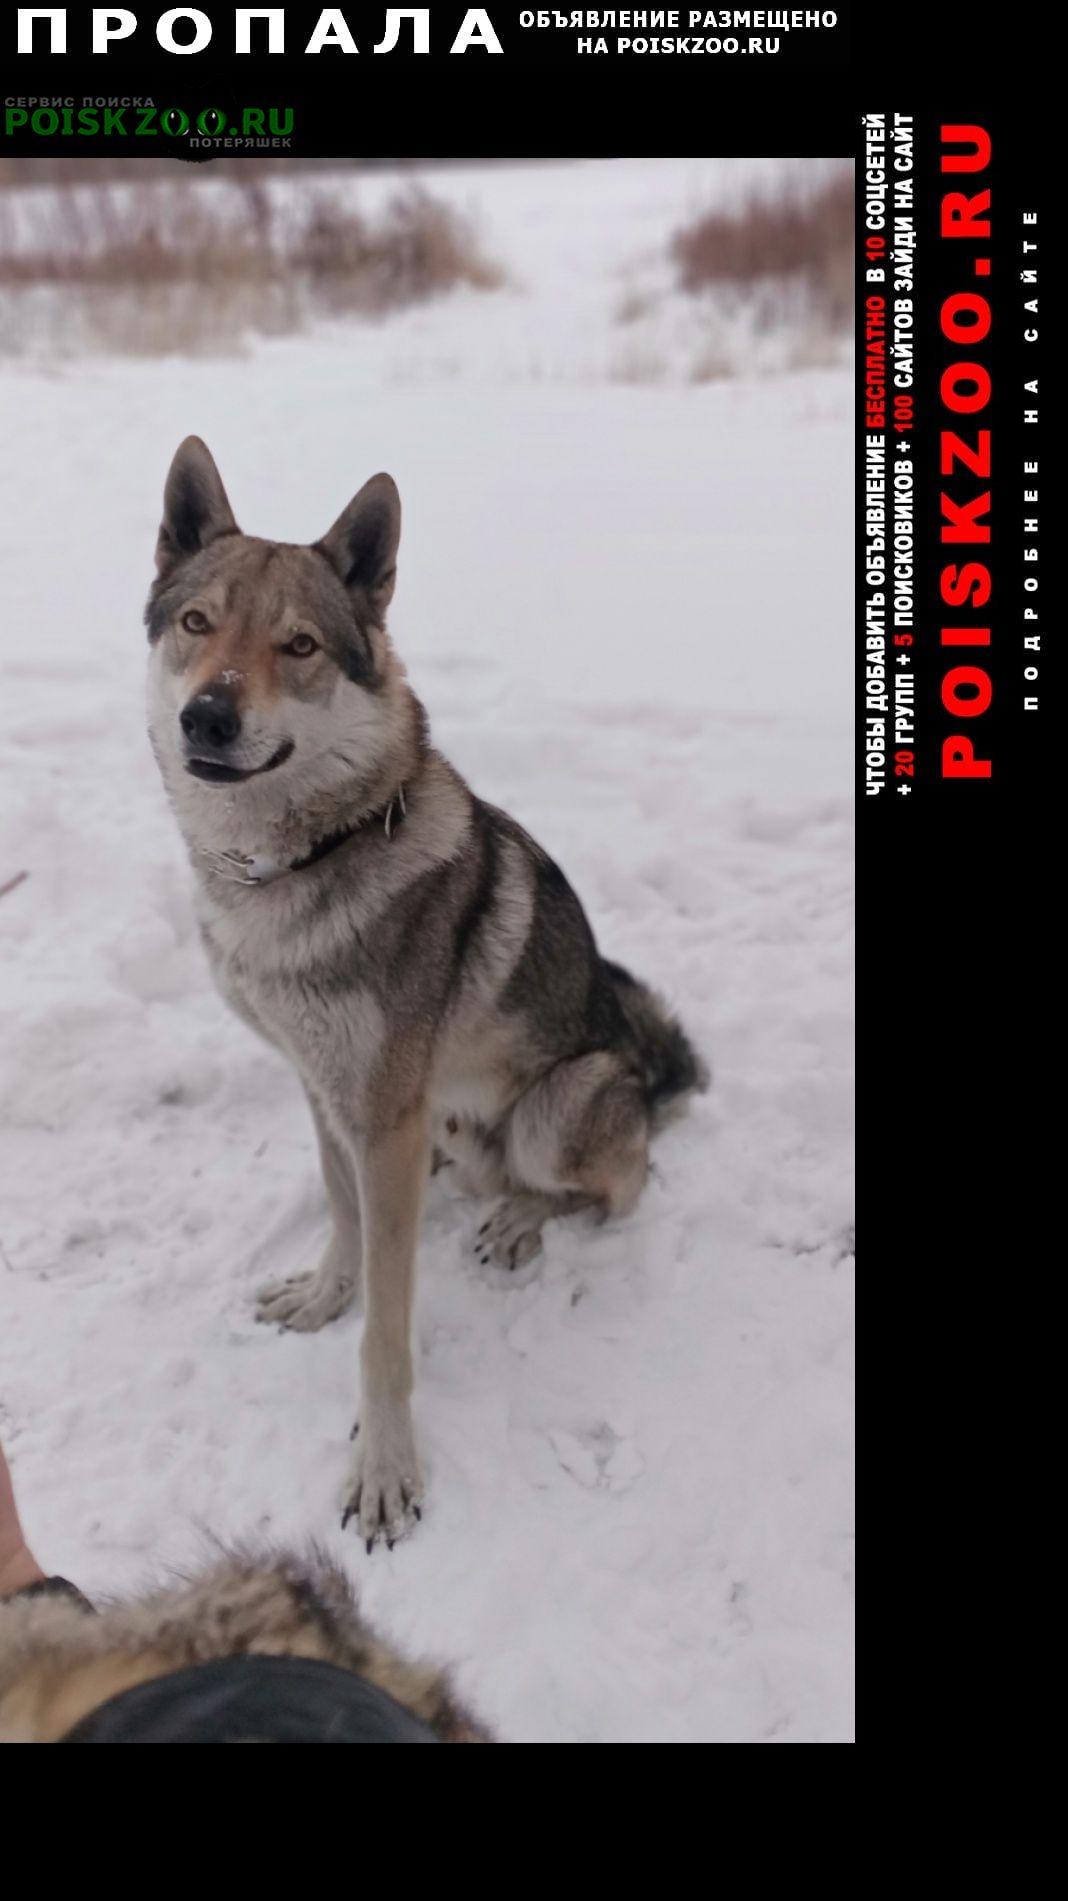 Пропала собака кобель Оренбург